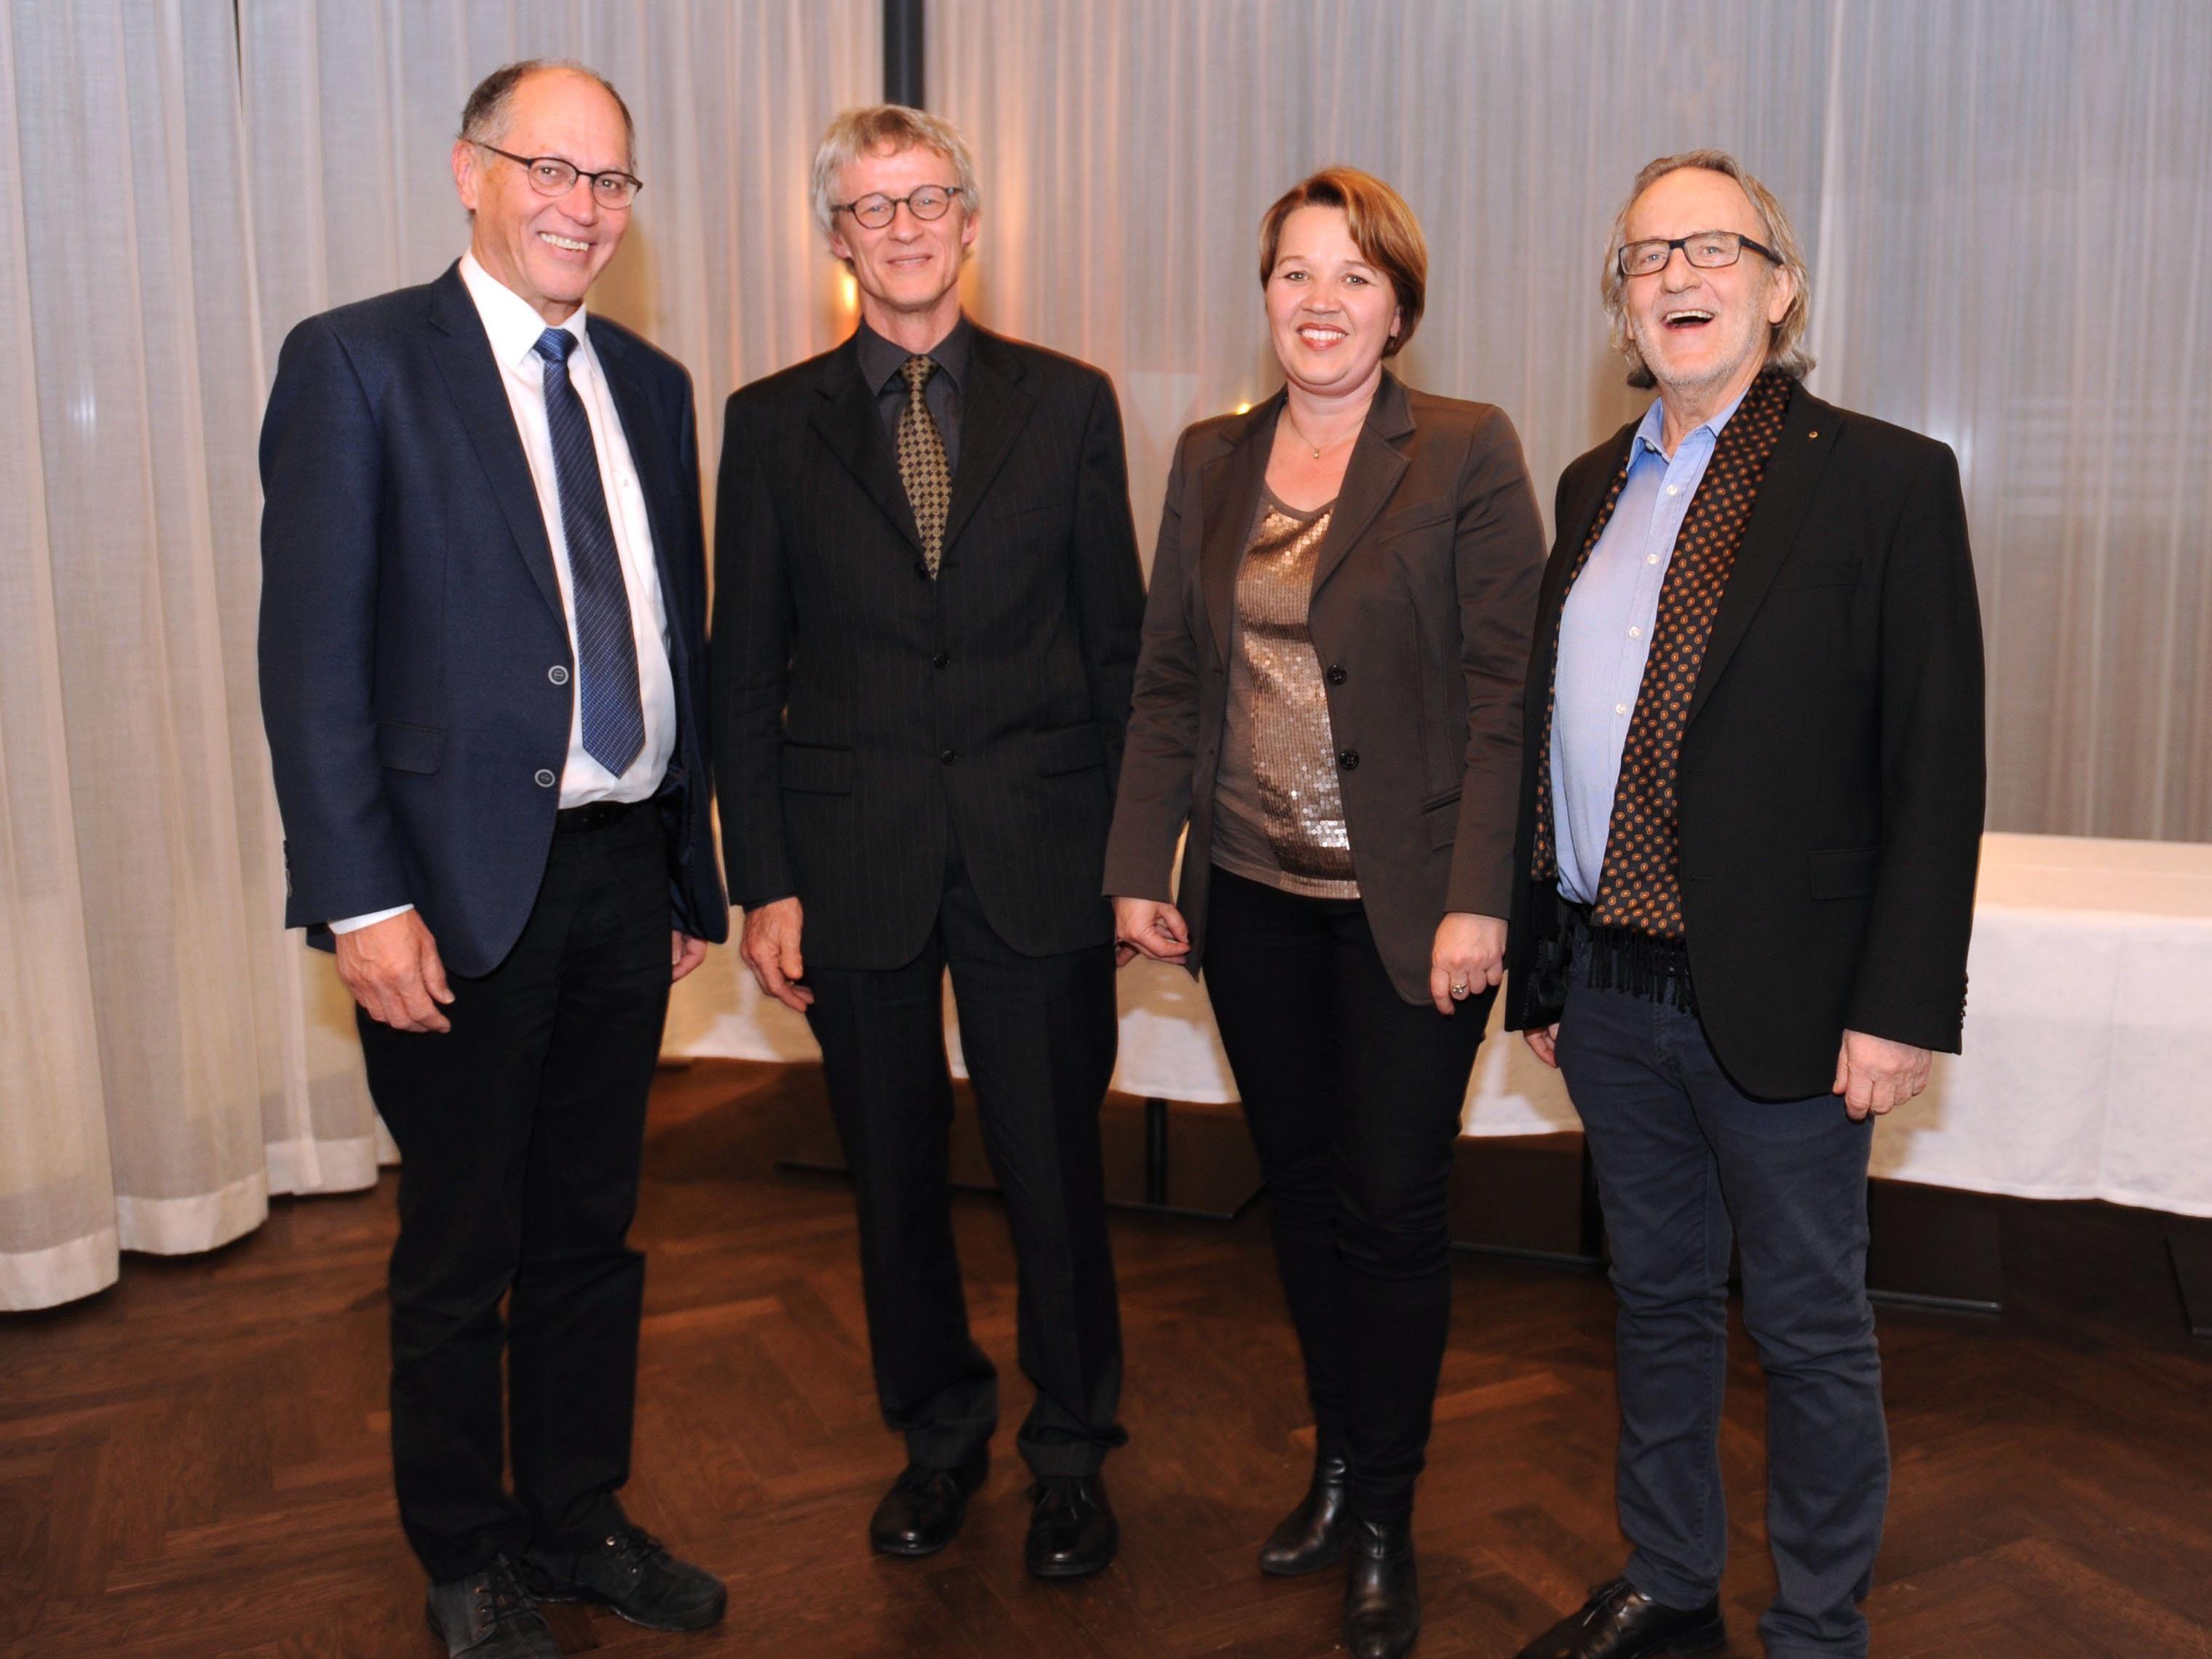 Vizebürgermeister Martin Ruepp, Prim. Dr. Bernd Ausserer, Bürgermeisterin Dipl.-Vw Andrea Kaufmann und Kurt Fenkart